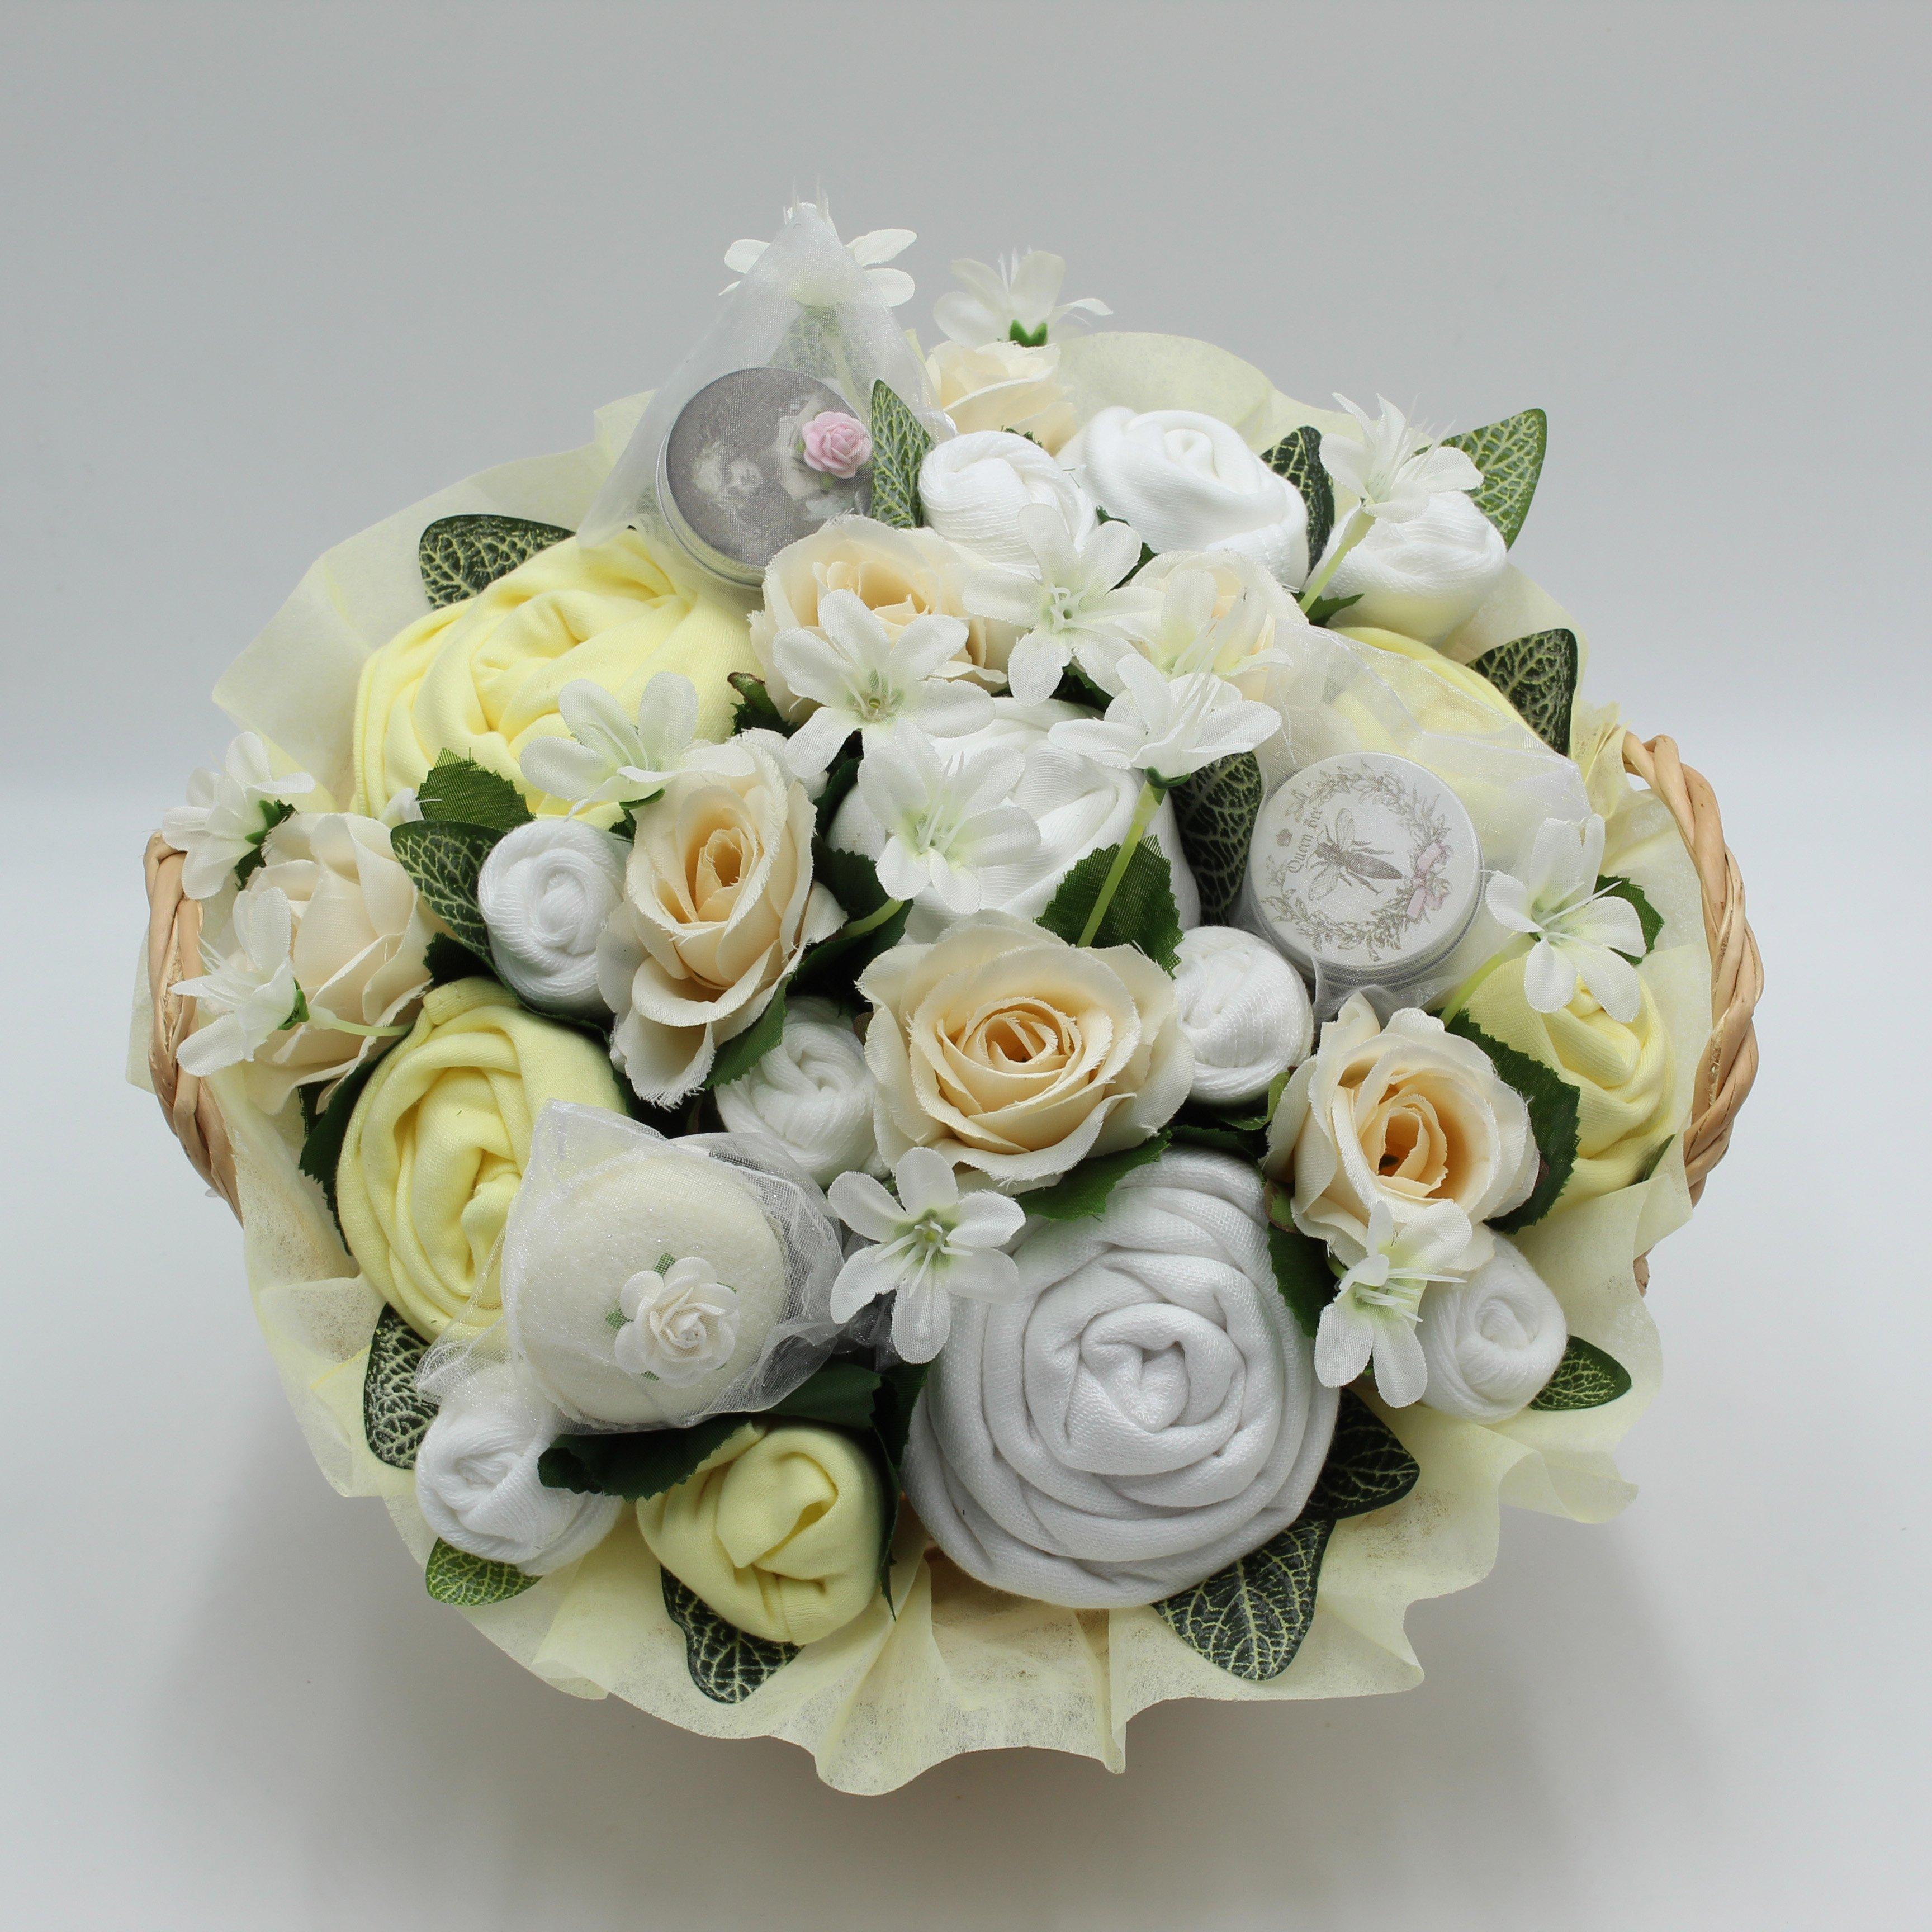 Superior Pampering Bouquet Lemon